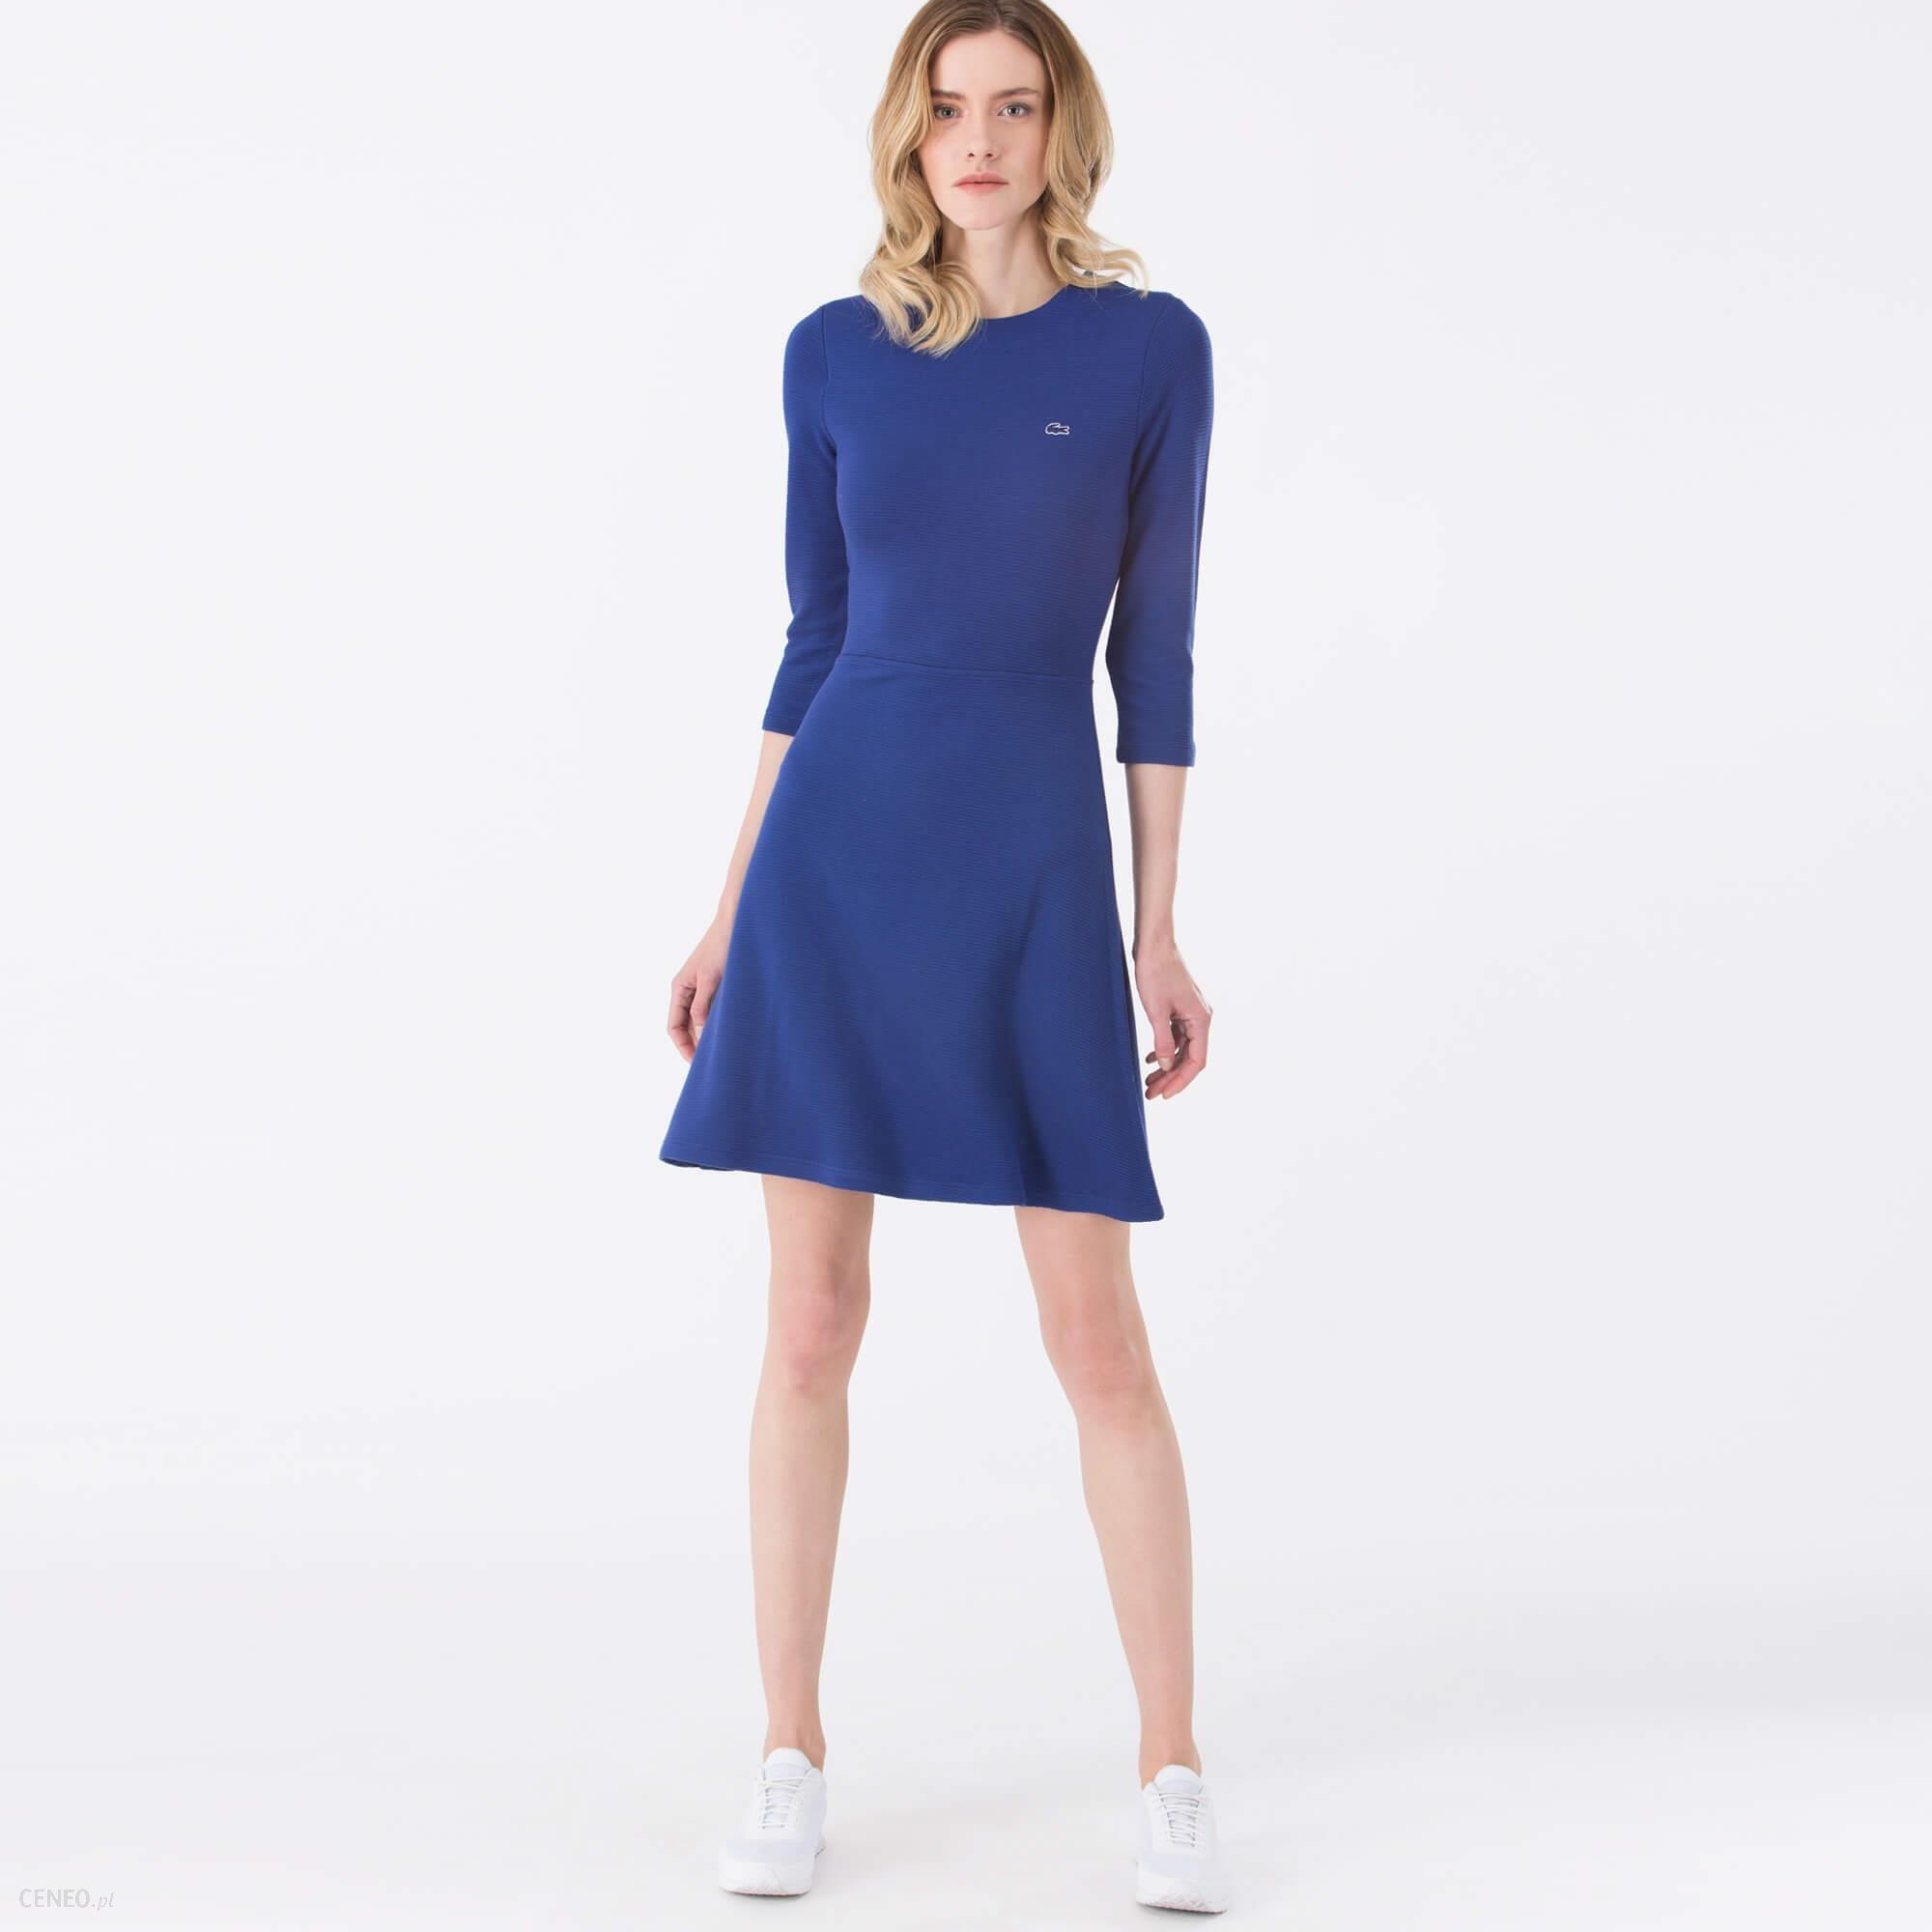 42c5bdc235 Lacoste Kobieta Sukienki 40 - Ceny i opinie - Ceneo.pl